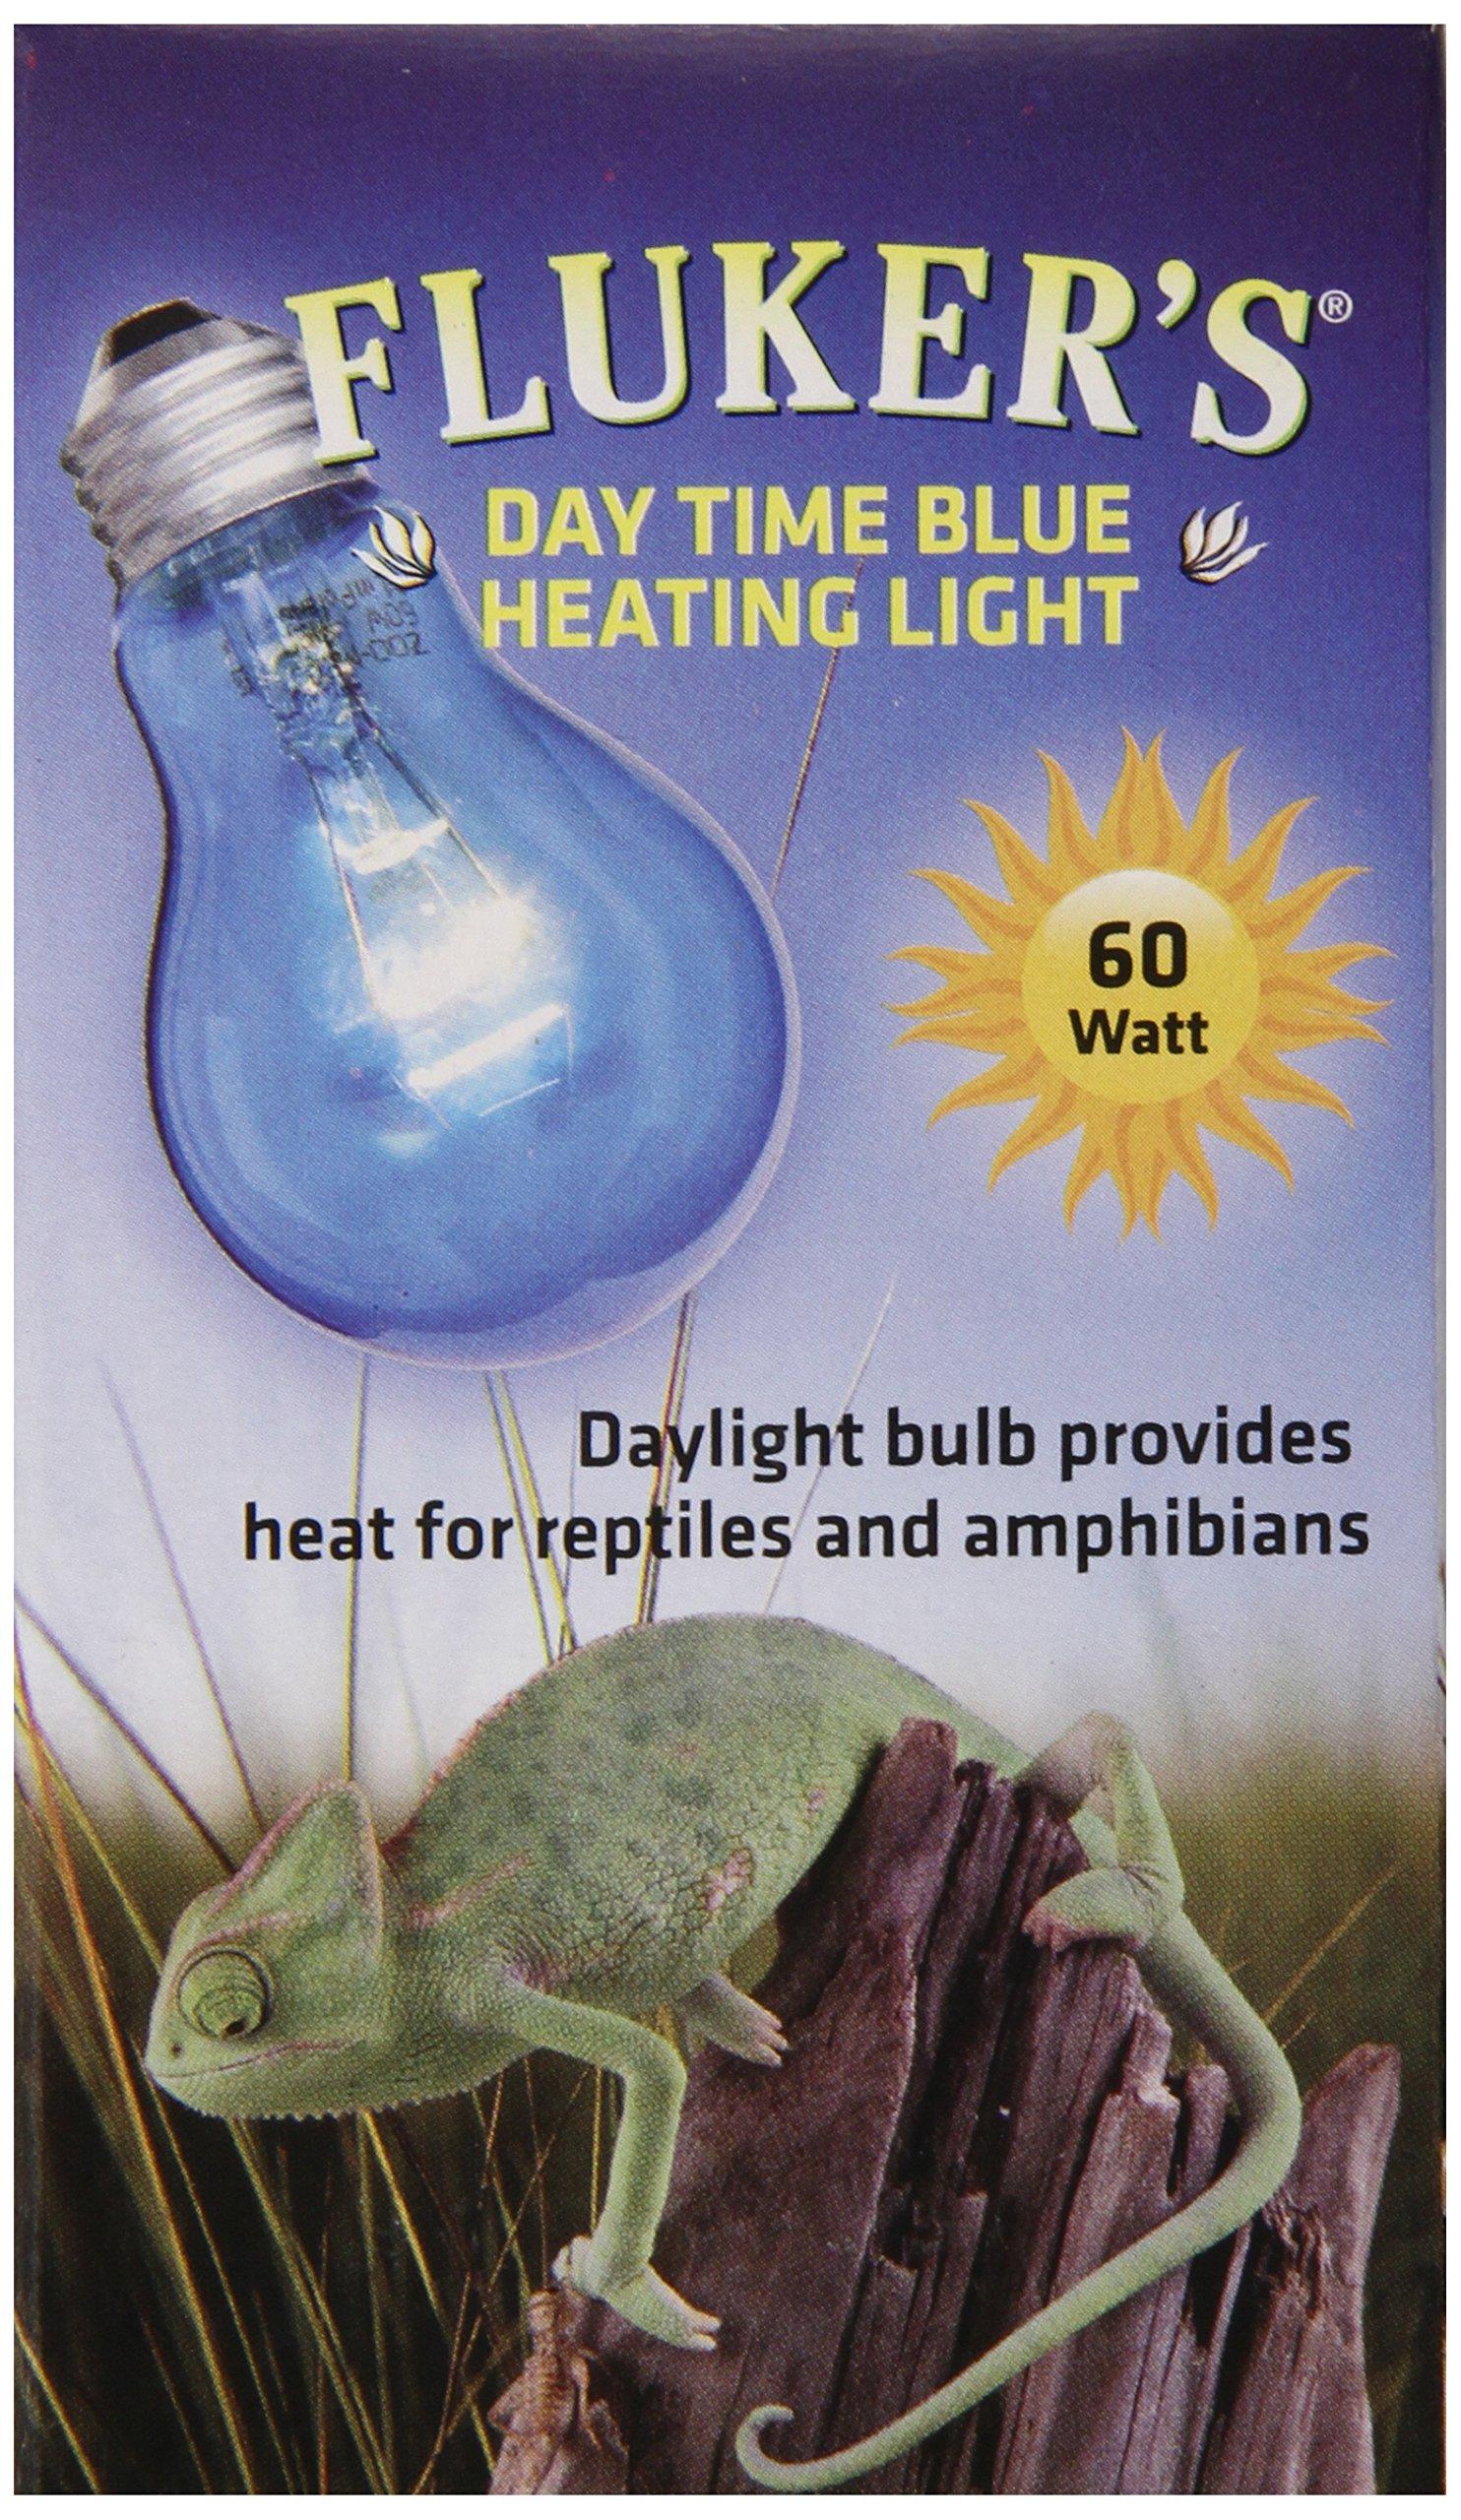 Fluker Labs SFK22402 Reptile Incandescent Daylight Bulb for Pet Habitat, 60-watt, Blue